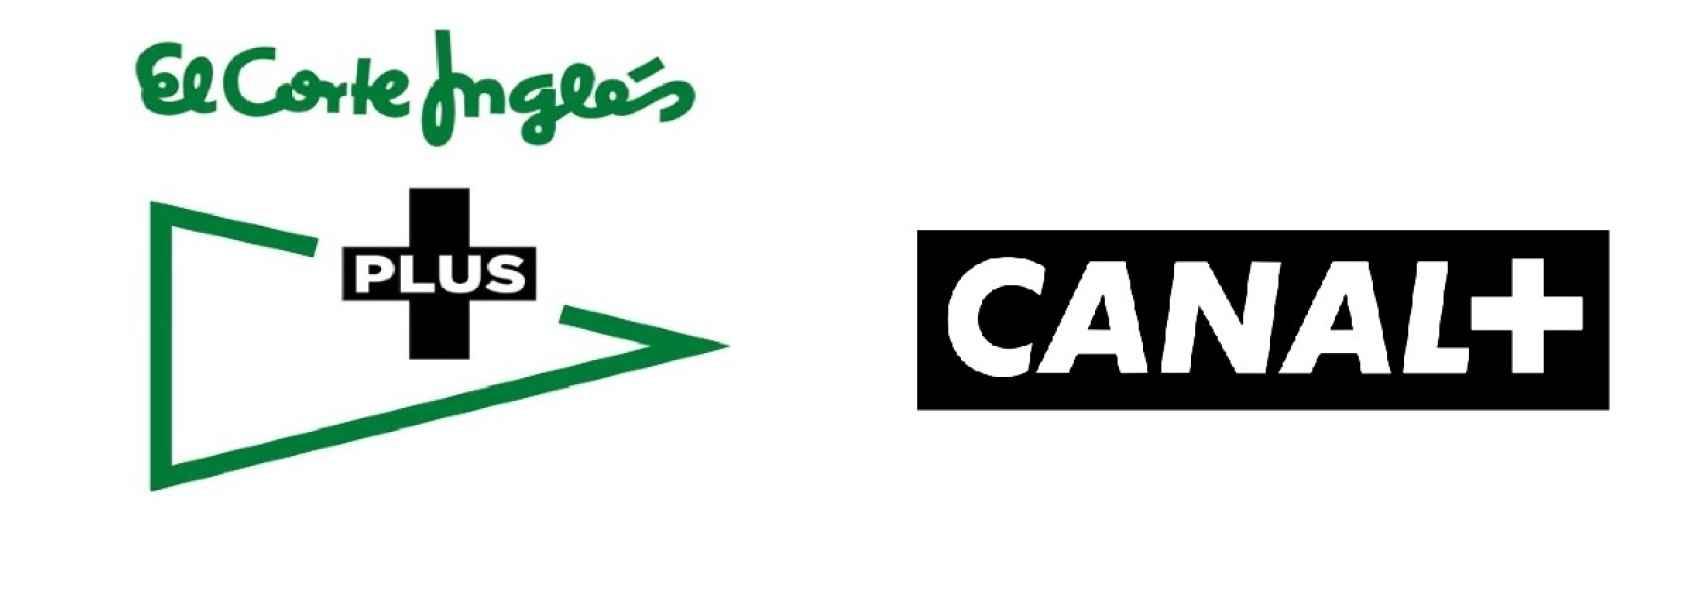 Logos de El Corte Inglés Plus y Canal+.